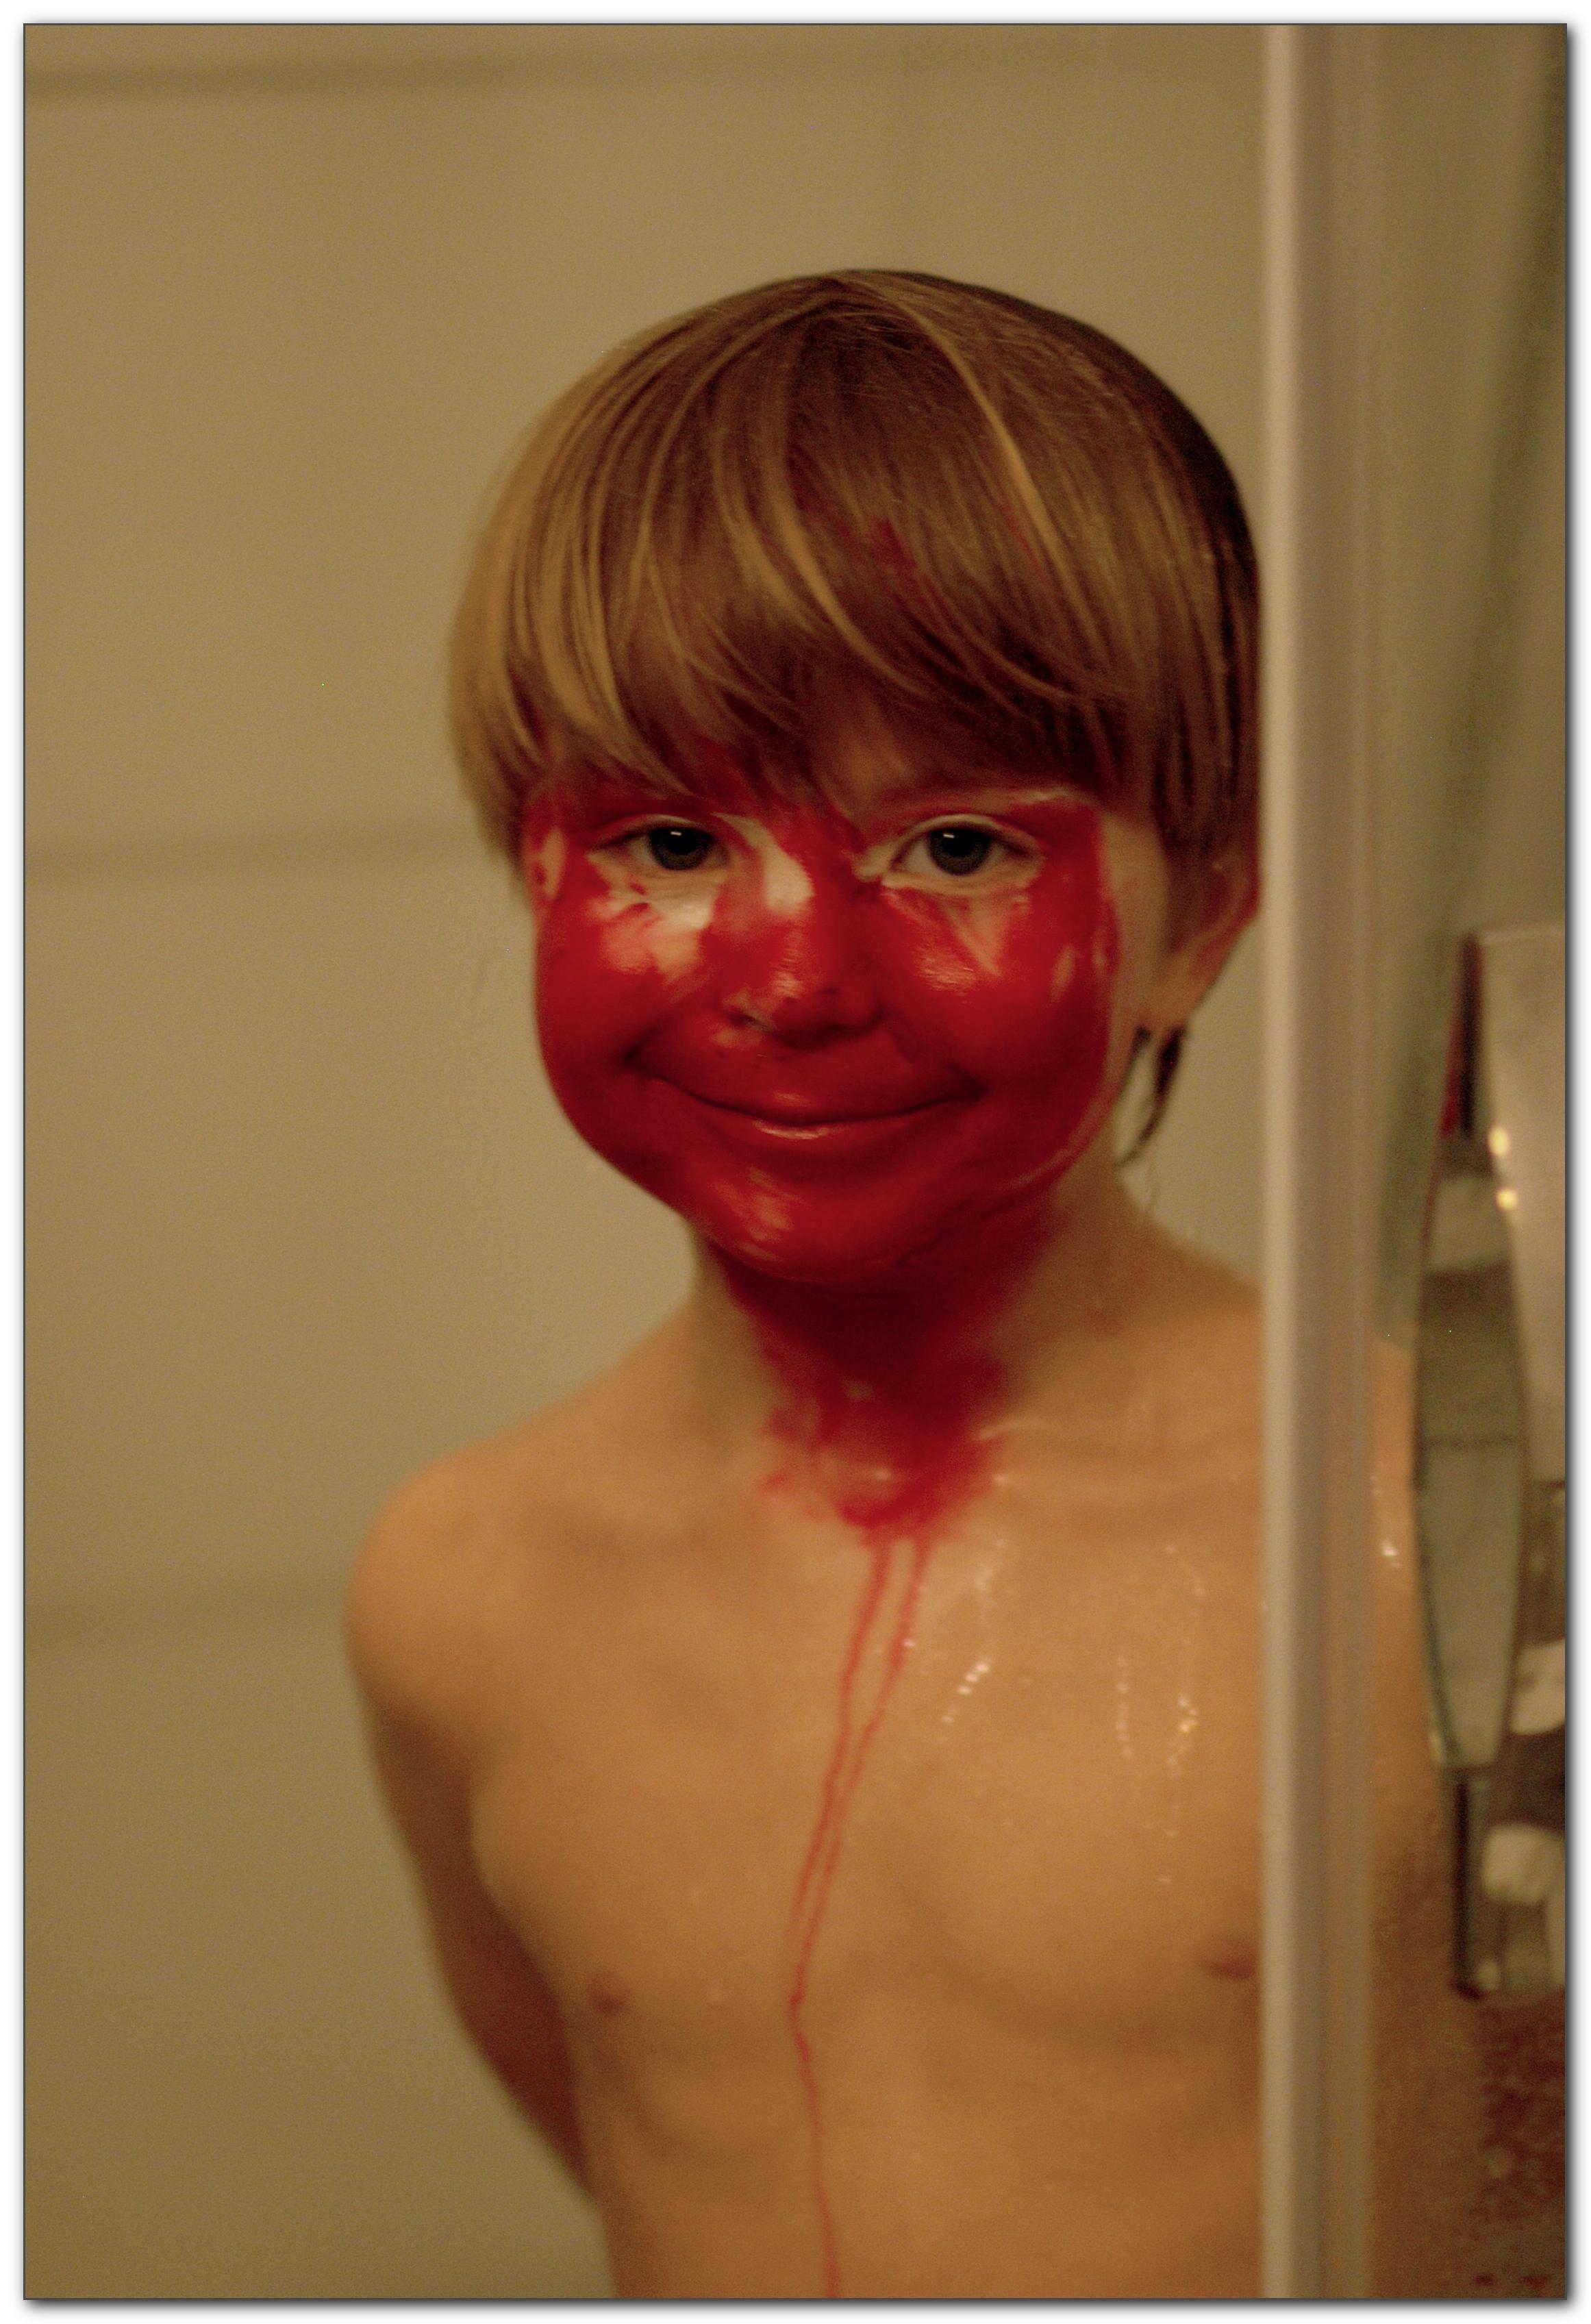 blodmannen